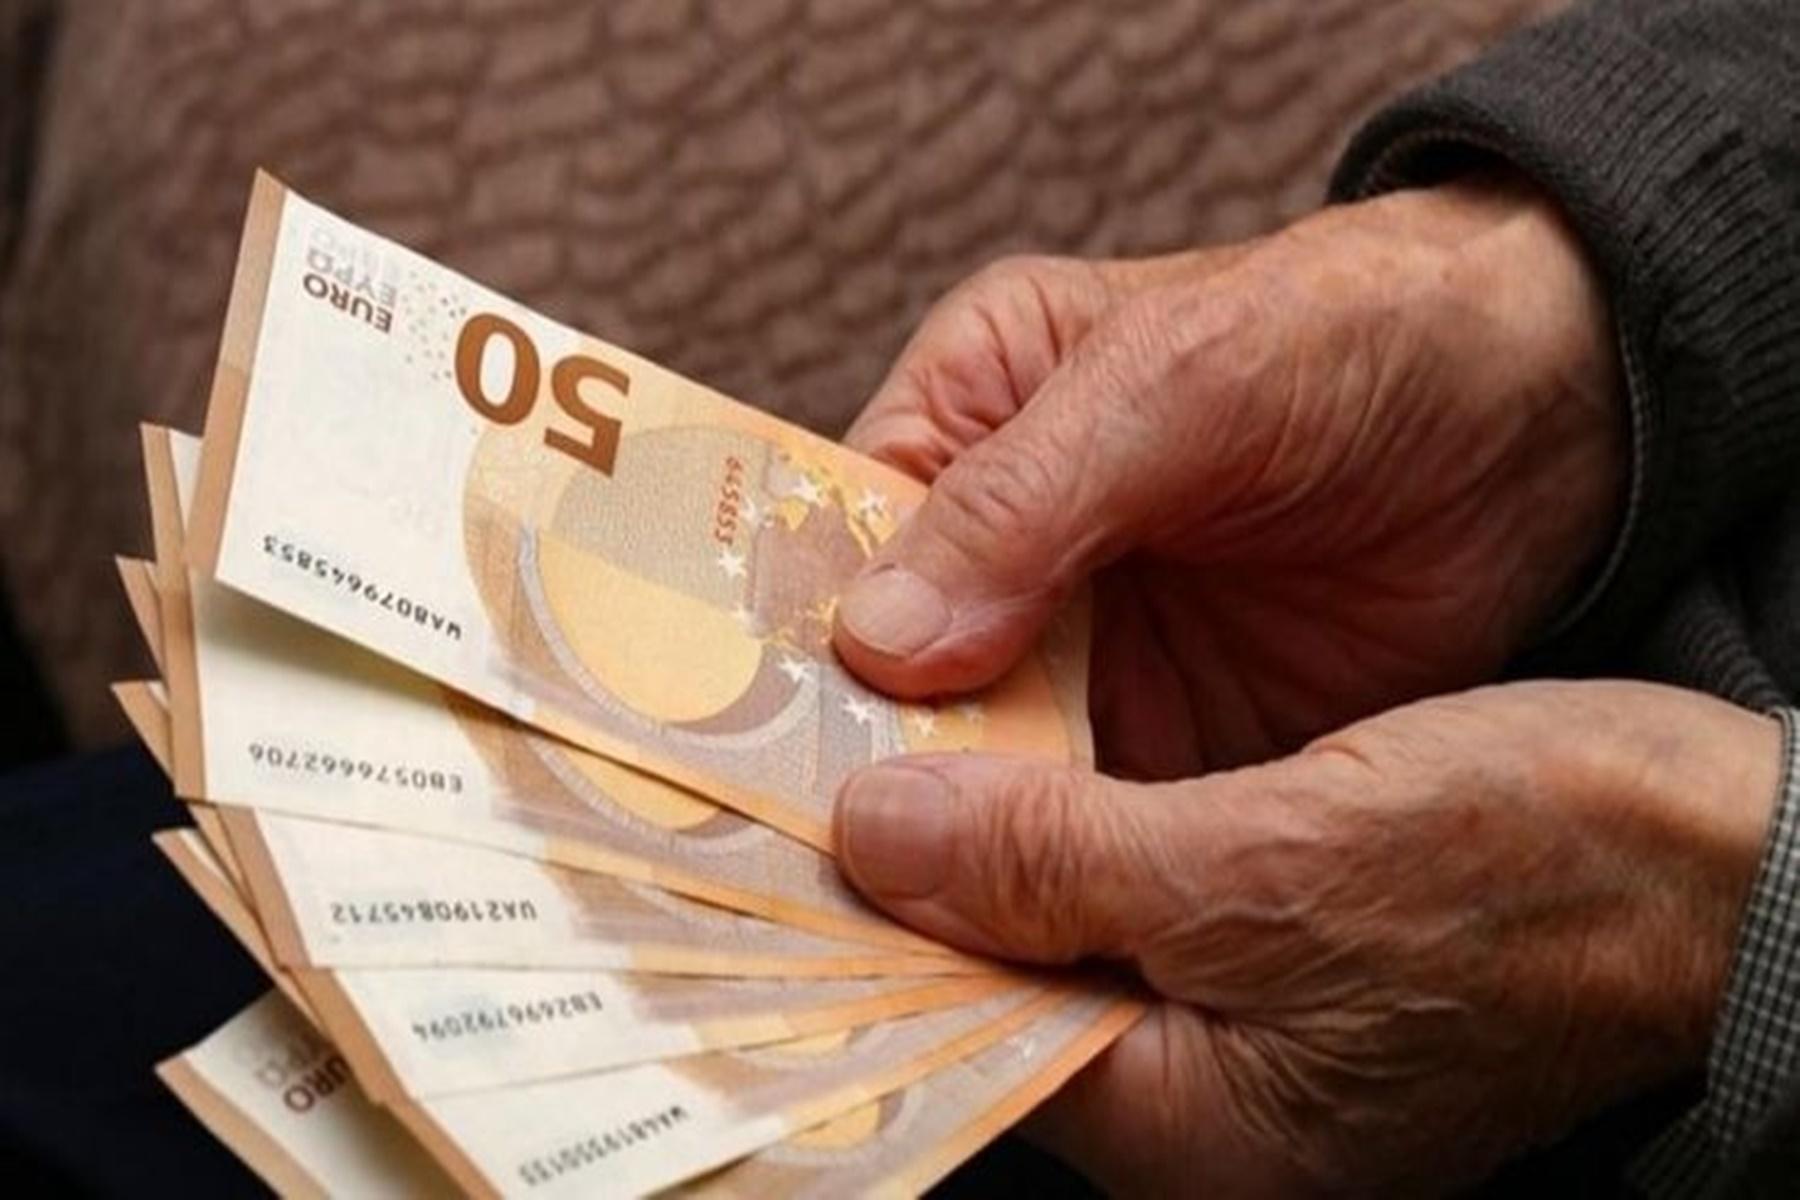 Επιδόματα ανεργίας συντάξεις: Όλες οι πληρωμές μέχρι τις 29 Απριλίου